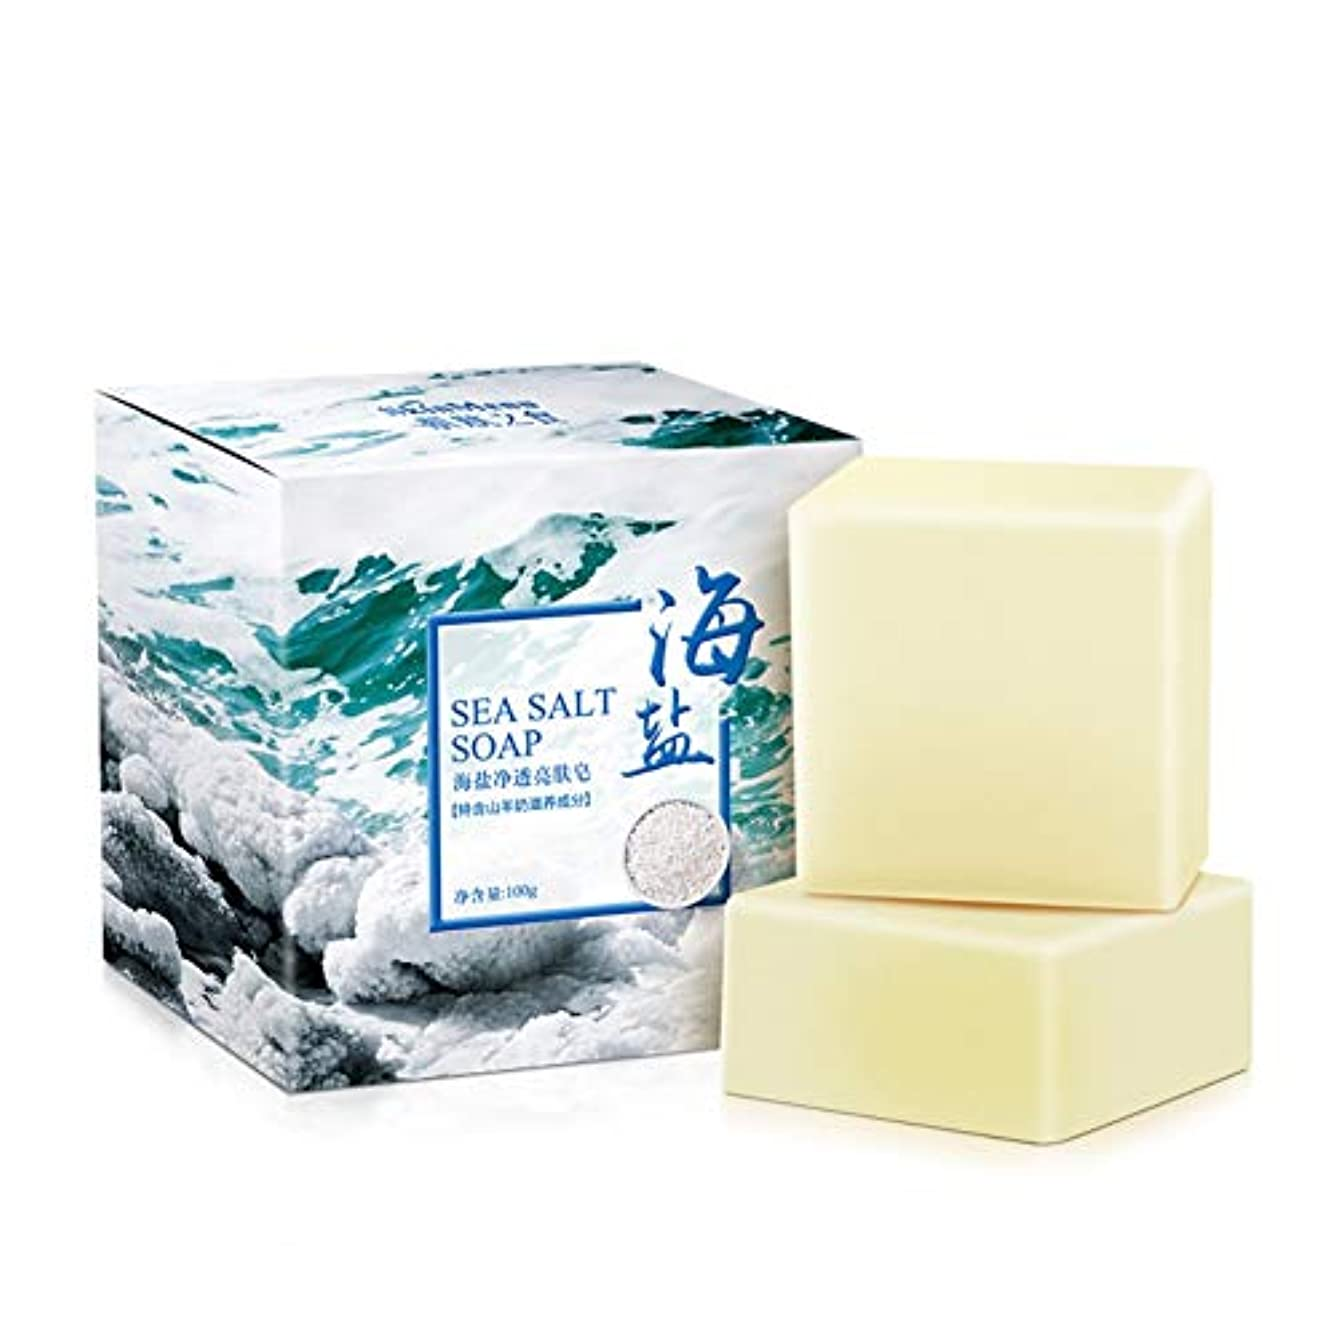 憂鬱露るKISSION せっけん 透明な半透明石鹸 海塩が豊富 ローカストソープ ダニをすばやく削除 無添加 敏感 保湿 肌用 毛穴 対策 パーソナルケア製品